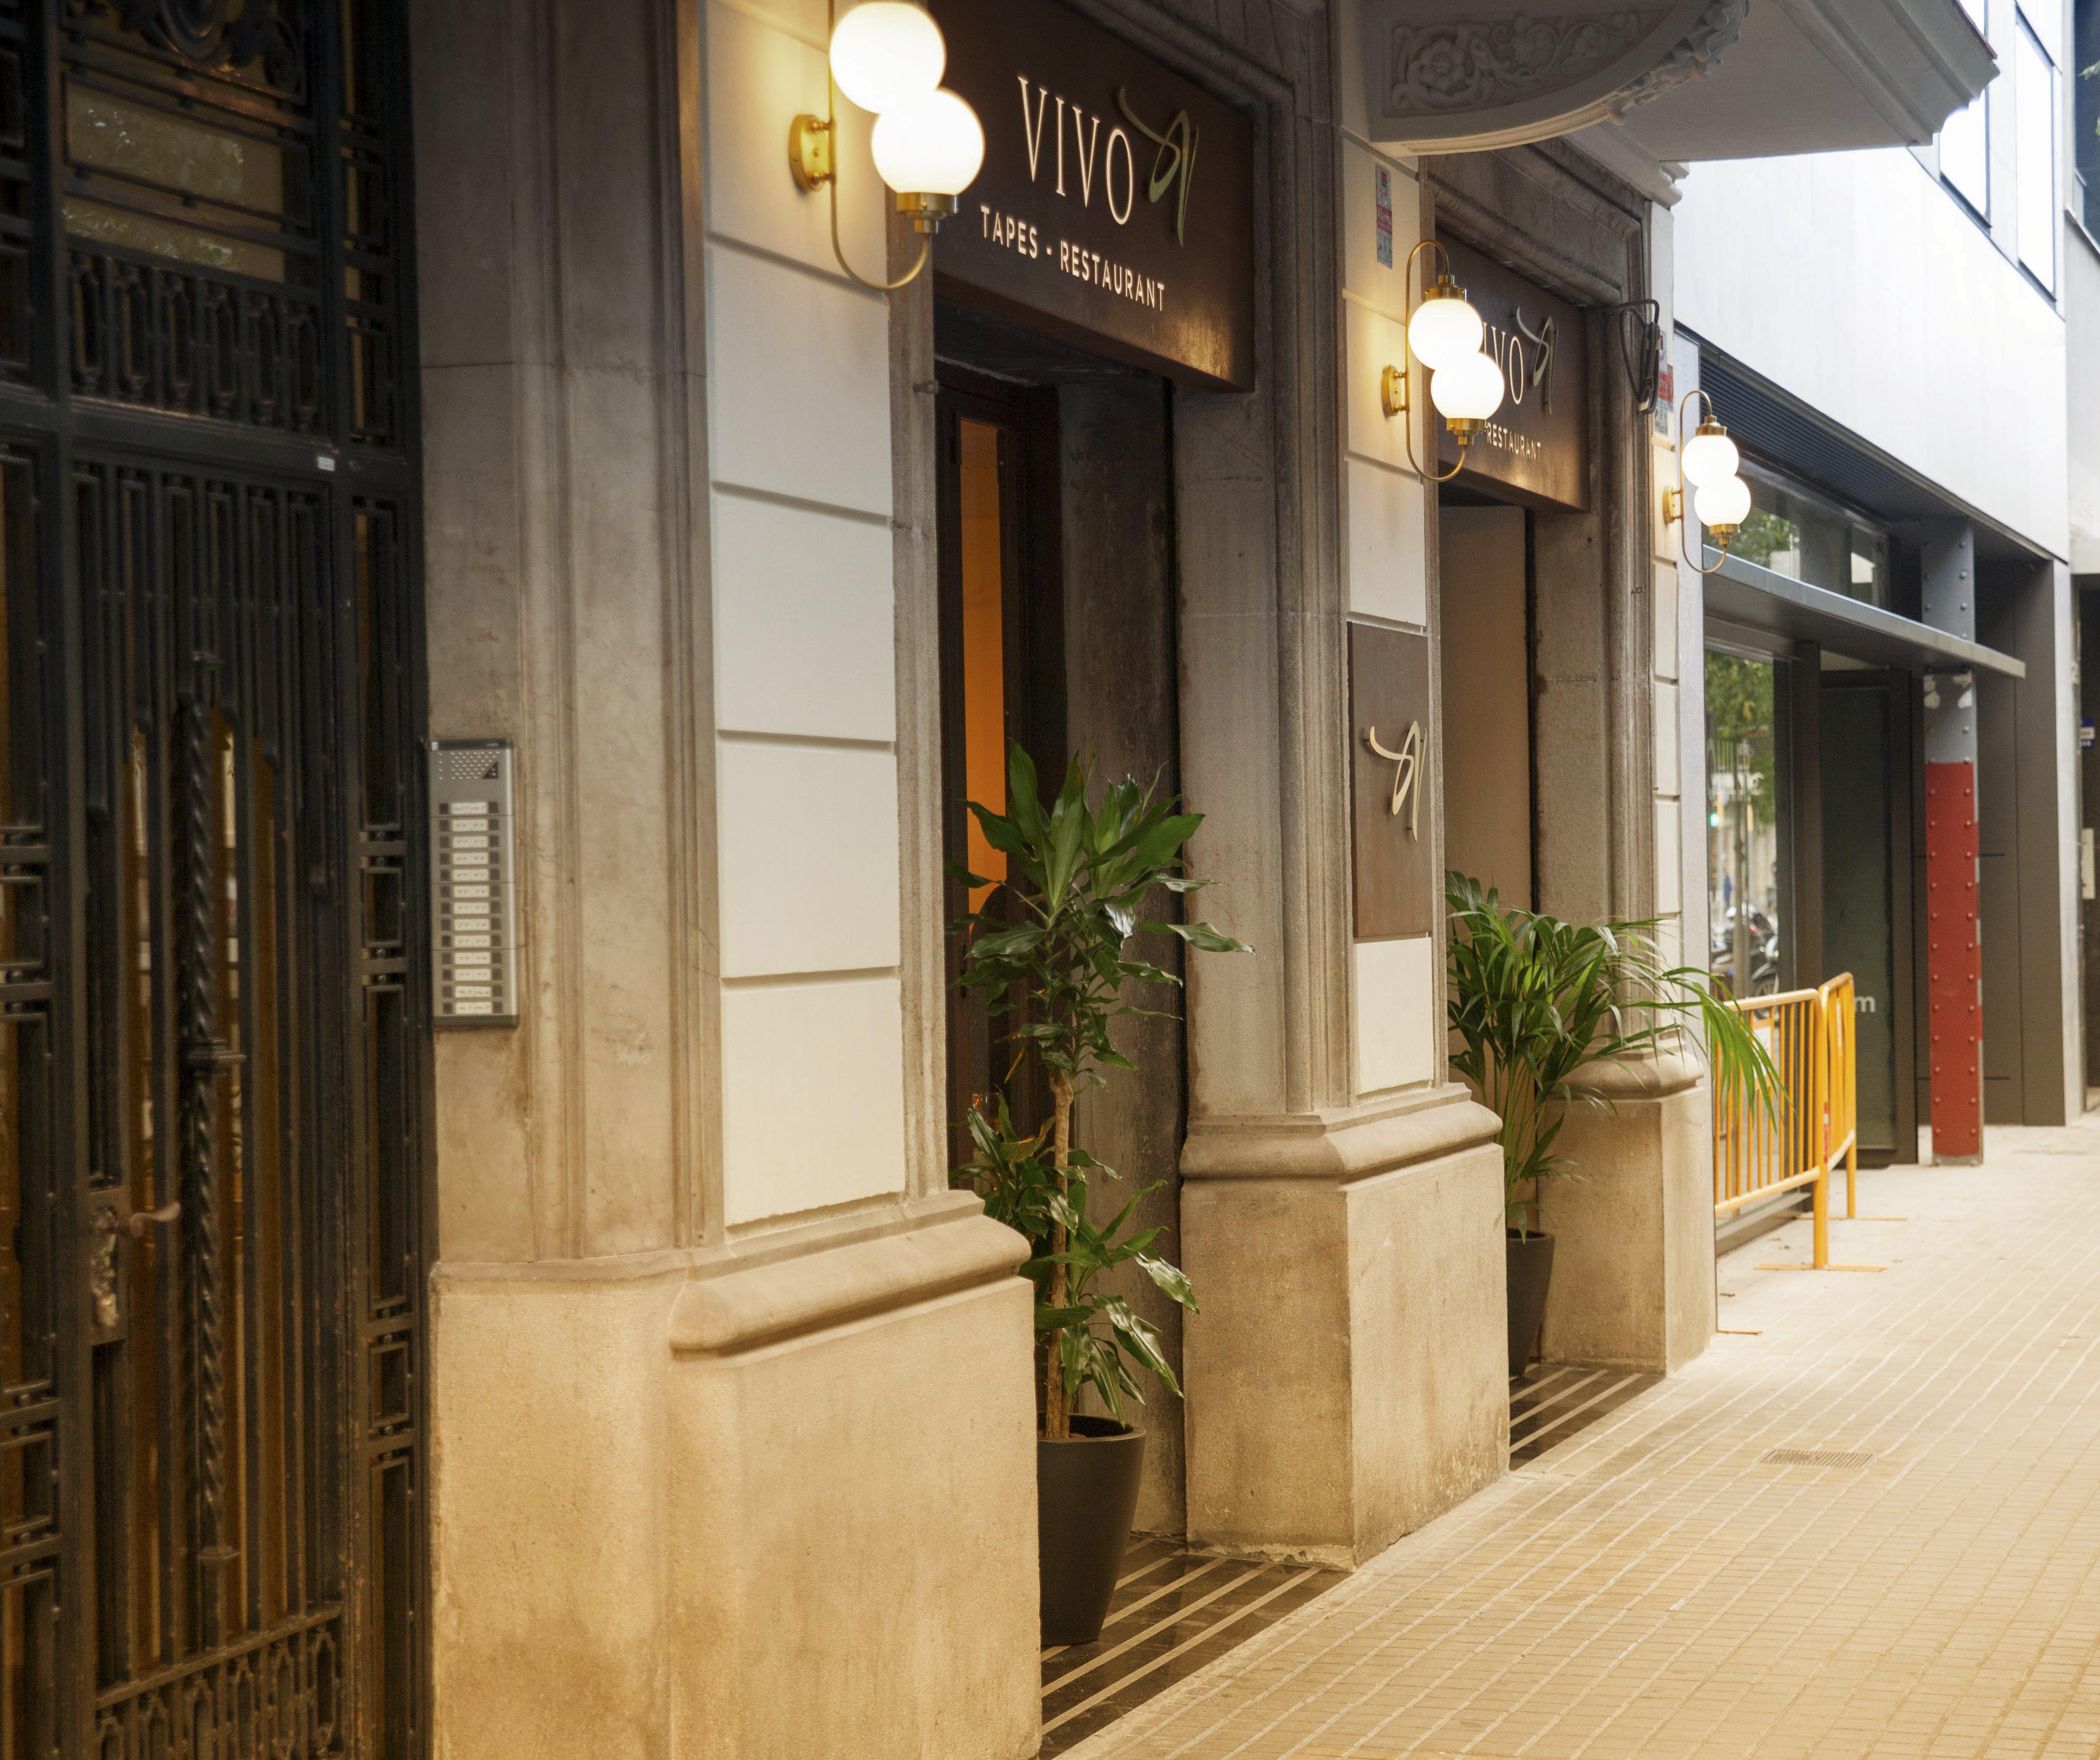 Aplique de pared con doble bola de cristal opal en Vivo Tapas Restaurant de Barcelona